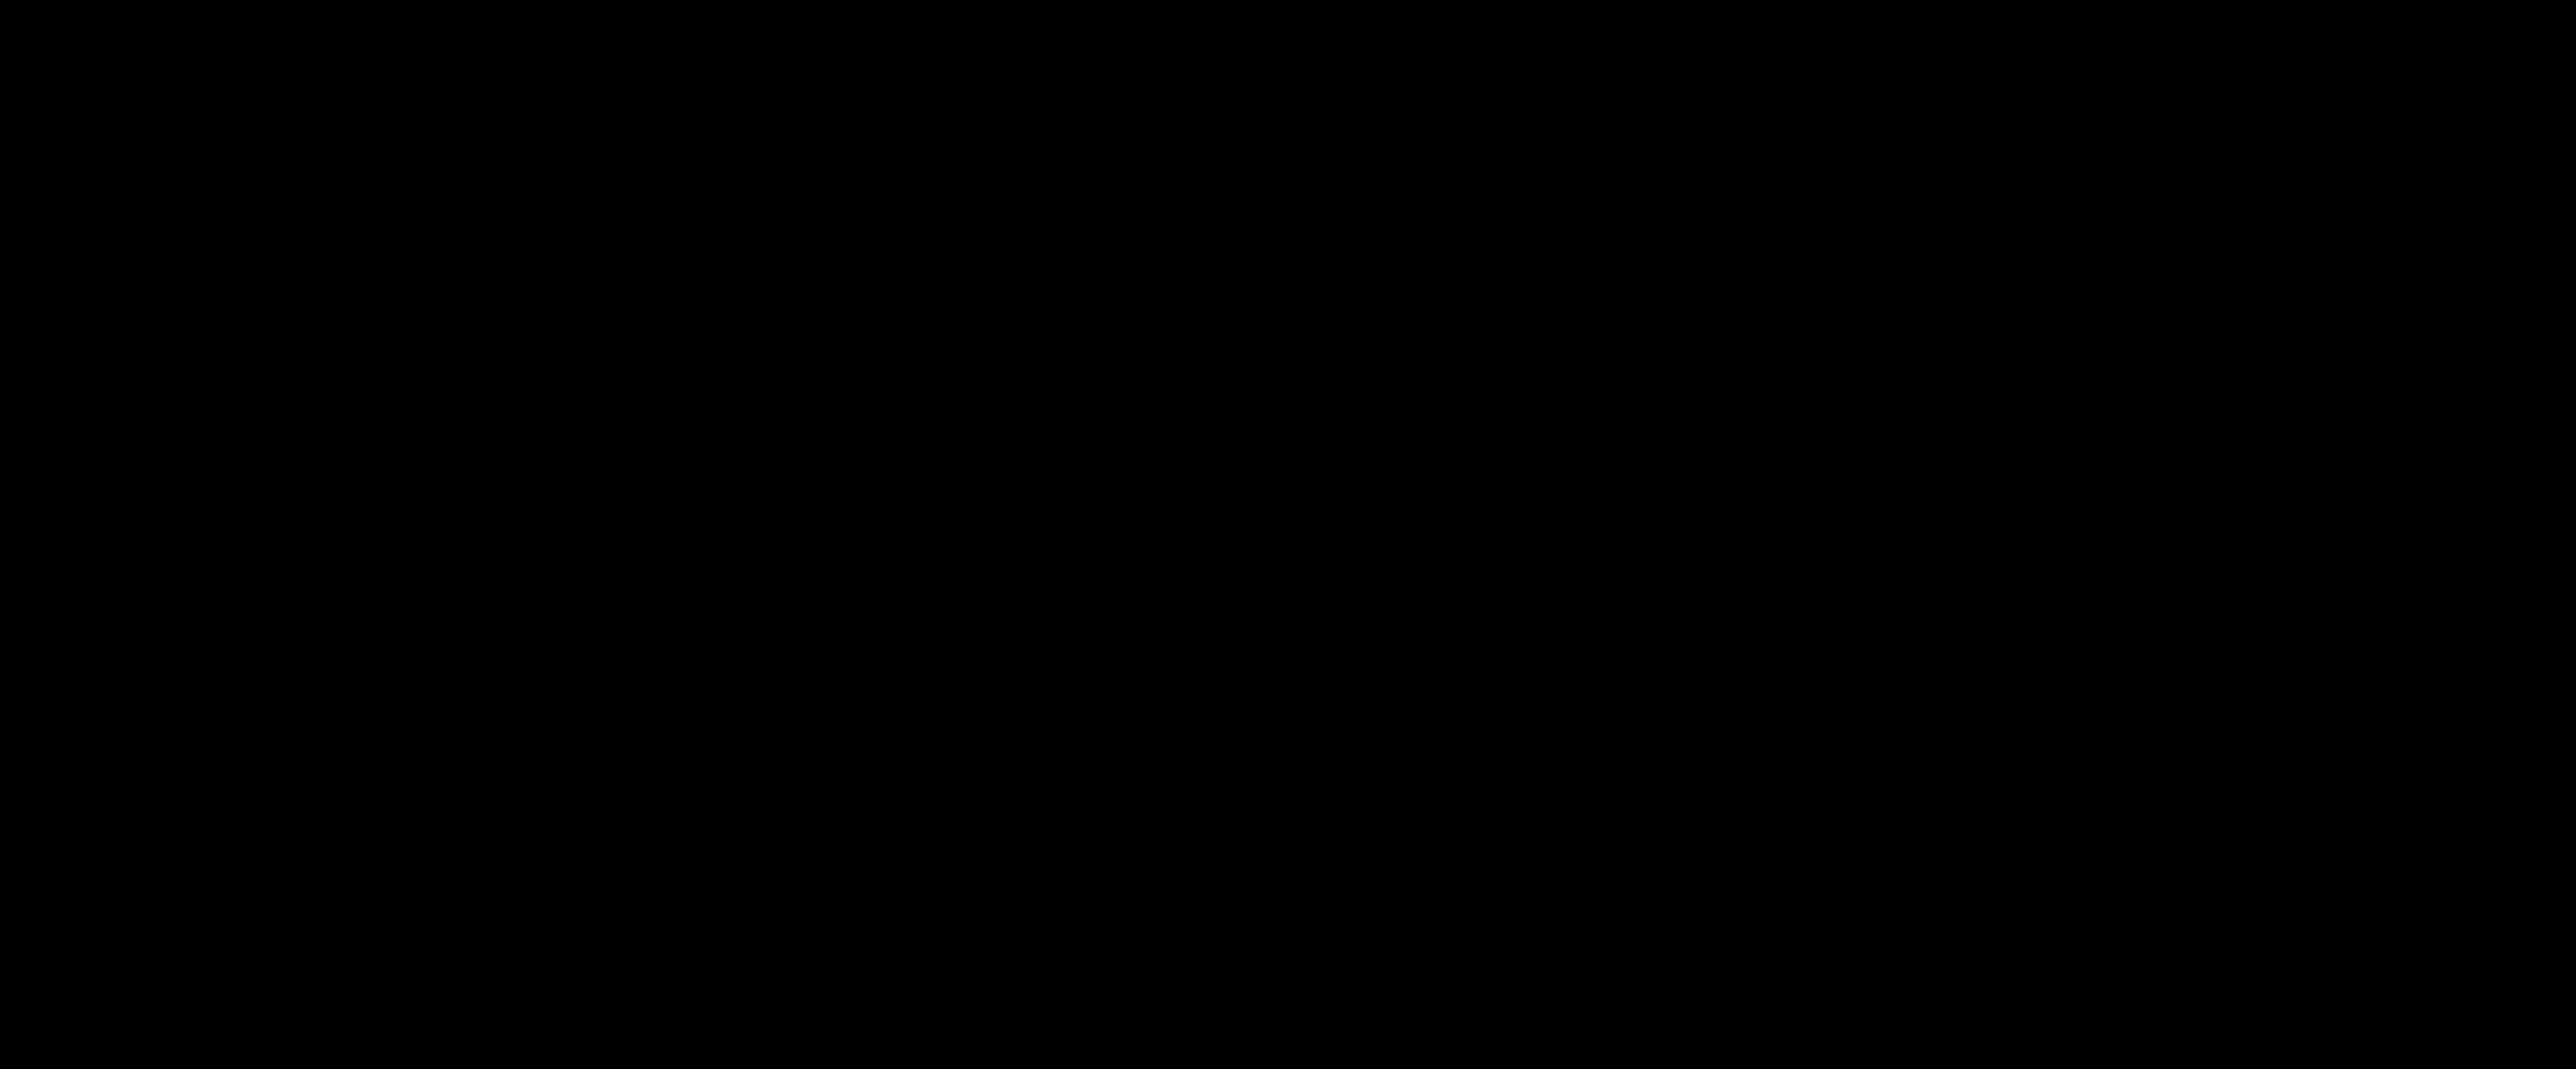 (N-Biotinyl-6-aminohexyl)-7-N,N-dimethylaminocoumarin-4-acetamide